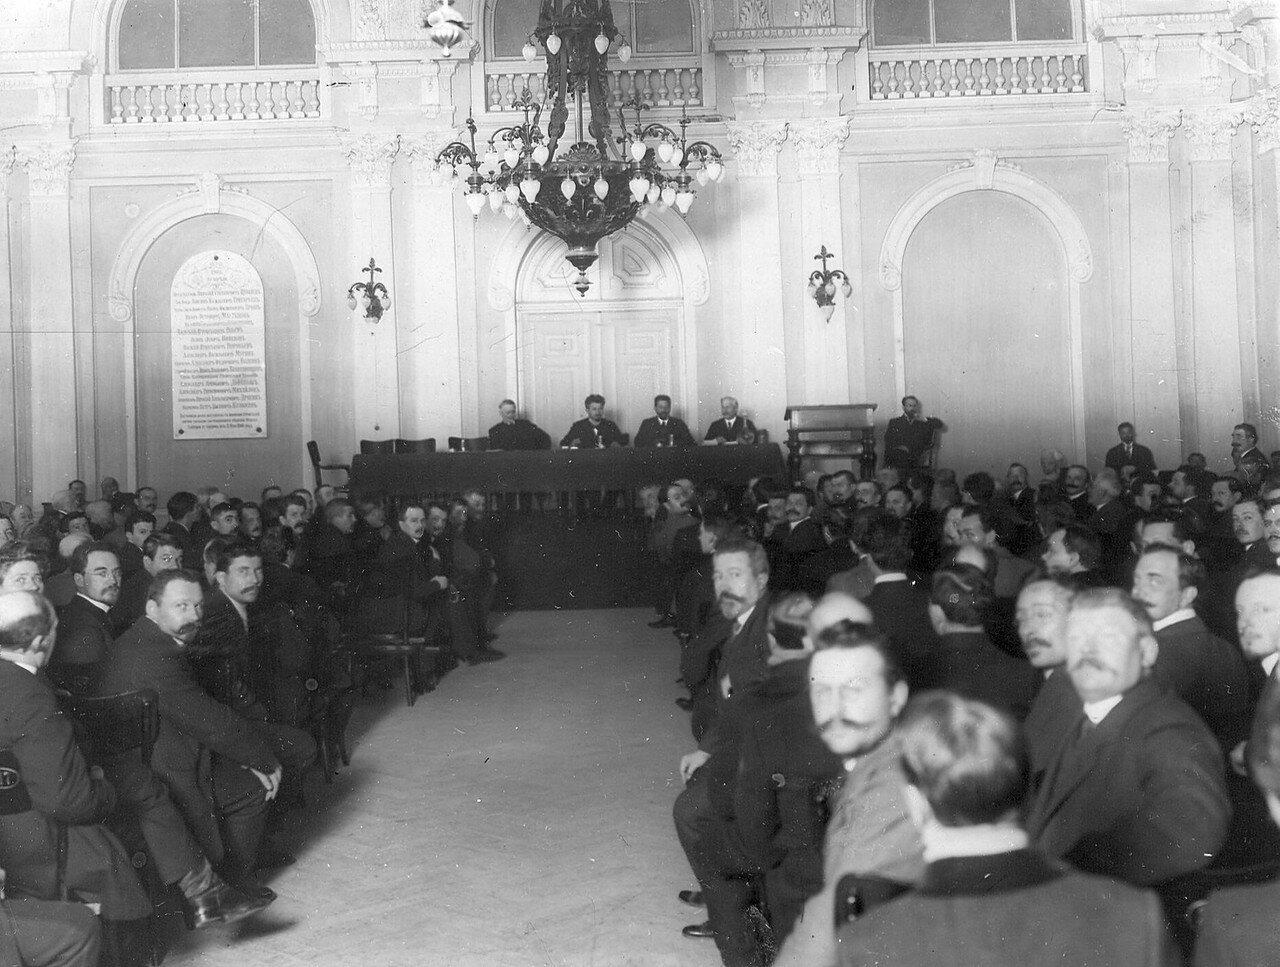 Собрание избирателей по второму разряду городских избирателей в зале Калашниковской биржи накануне выборов в Четвертую Государственную думу